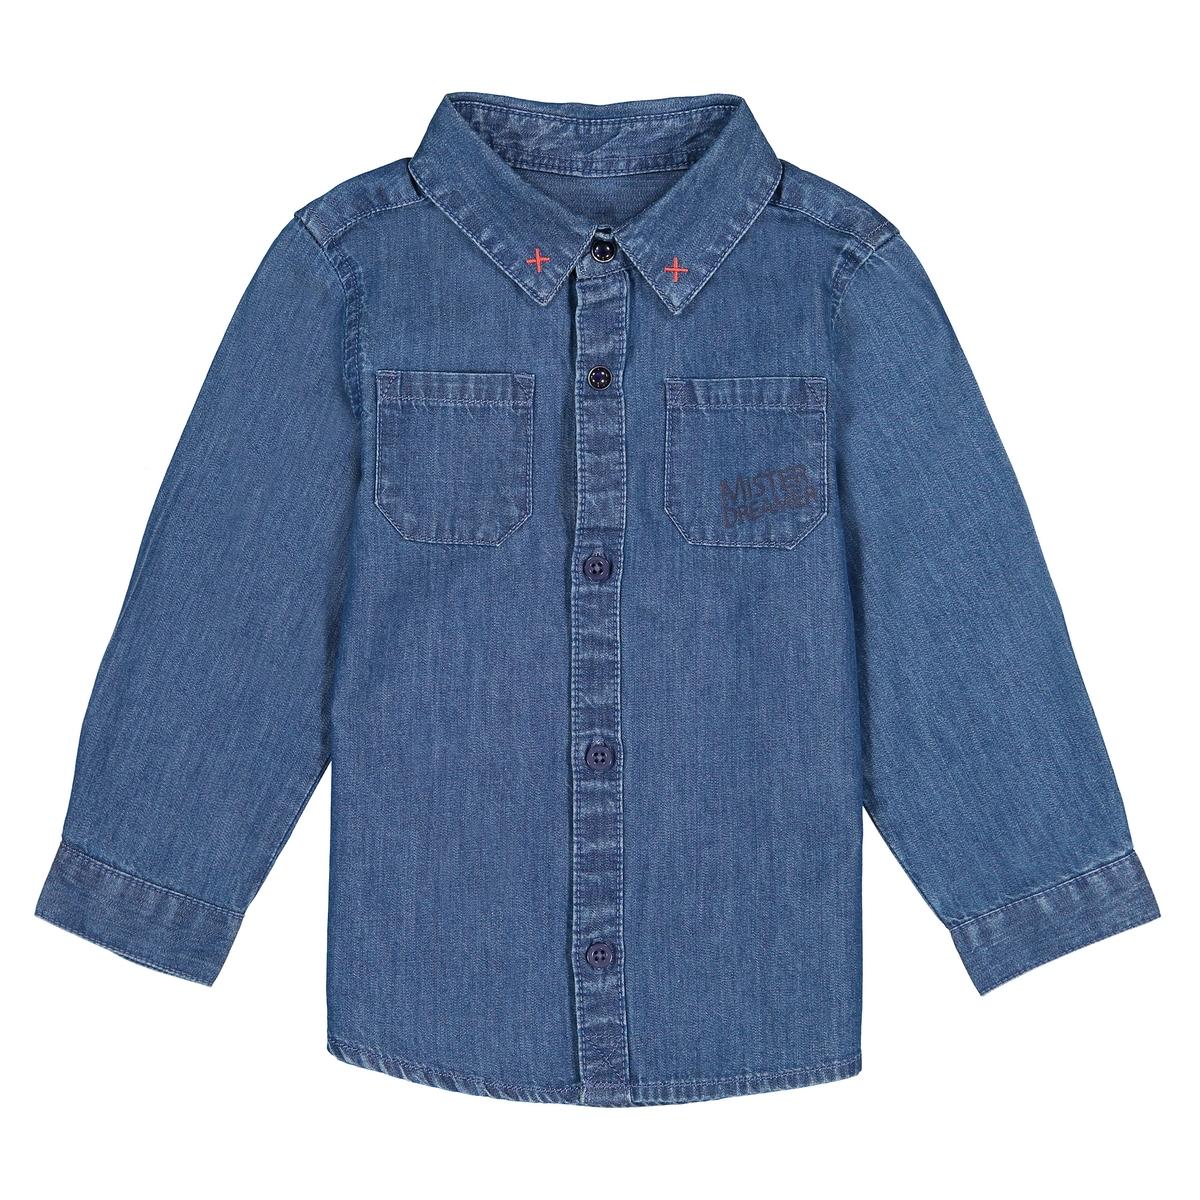 Рубашка джинсовая с длинными рукавами, 1 мес. - 3 года футболка с длинными рукавами 1 мес 3 лет